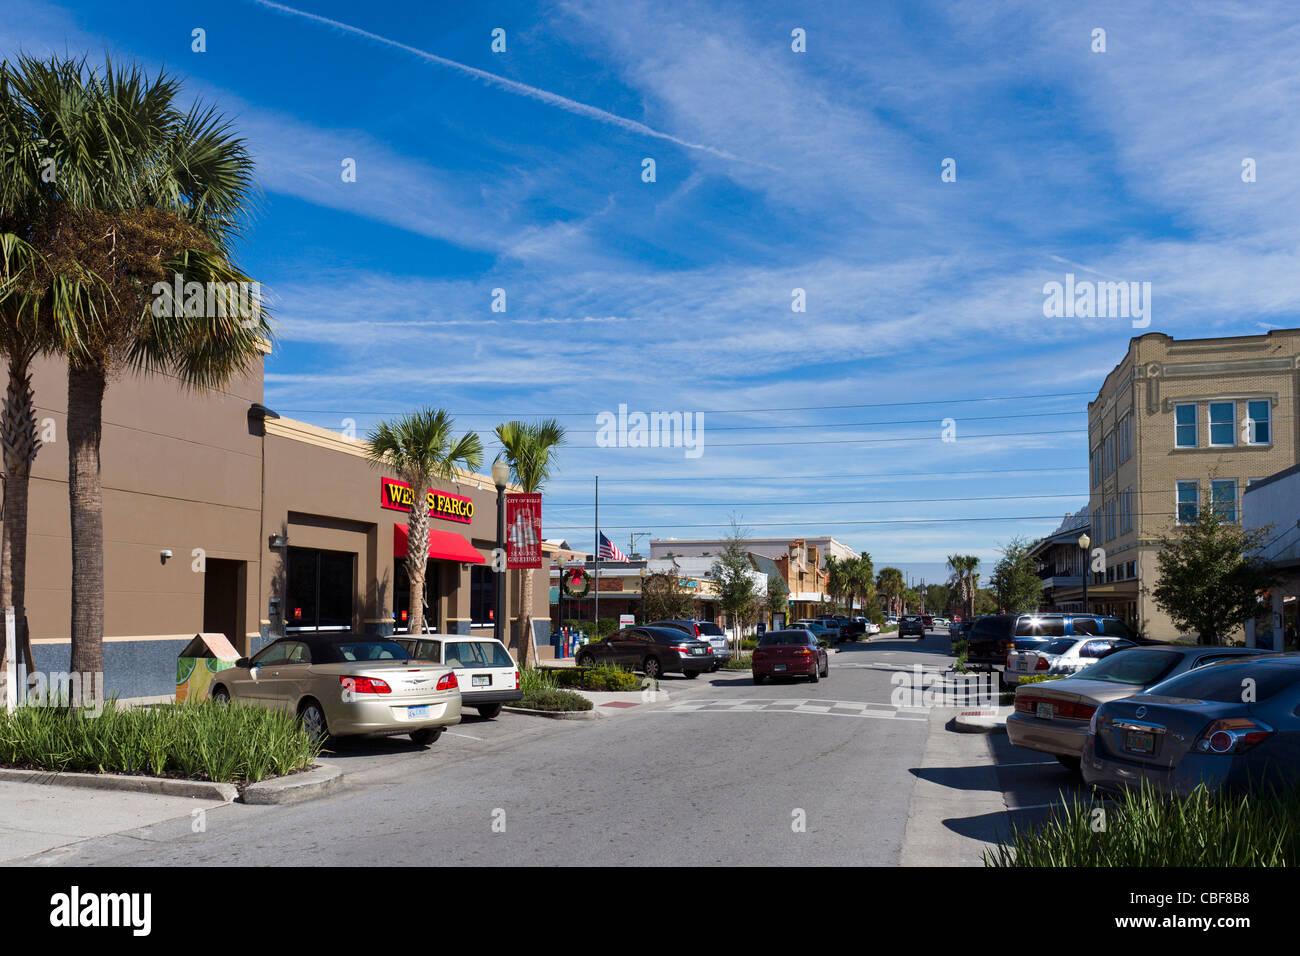 La strada principale (Stuart Avenue) in centro lago del Galles, una tipica cittadina nella Florida Centrale, STATI Immagini Stock